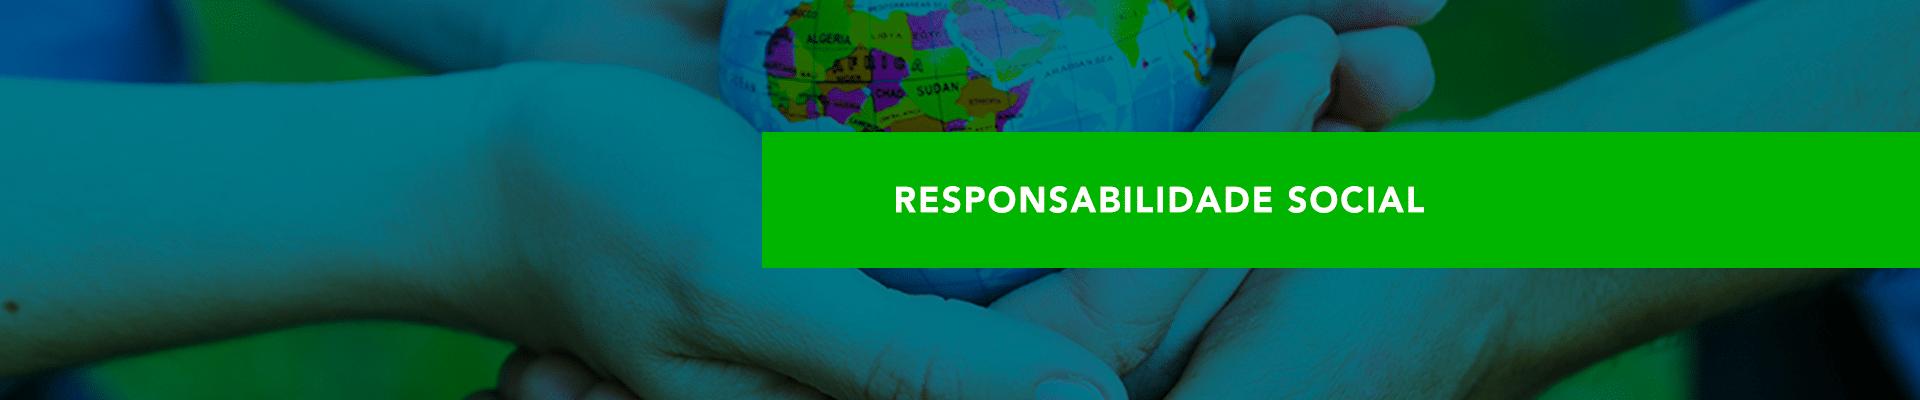 responsabilidade-social-banner-principal